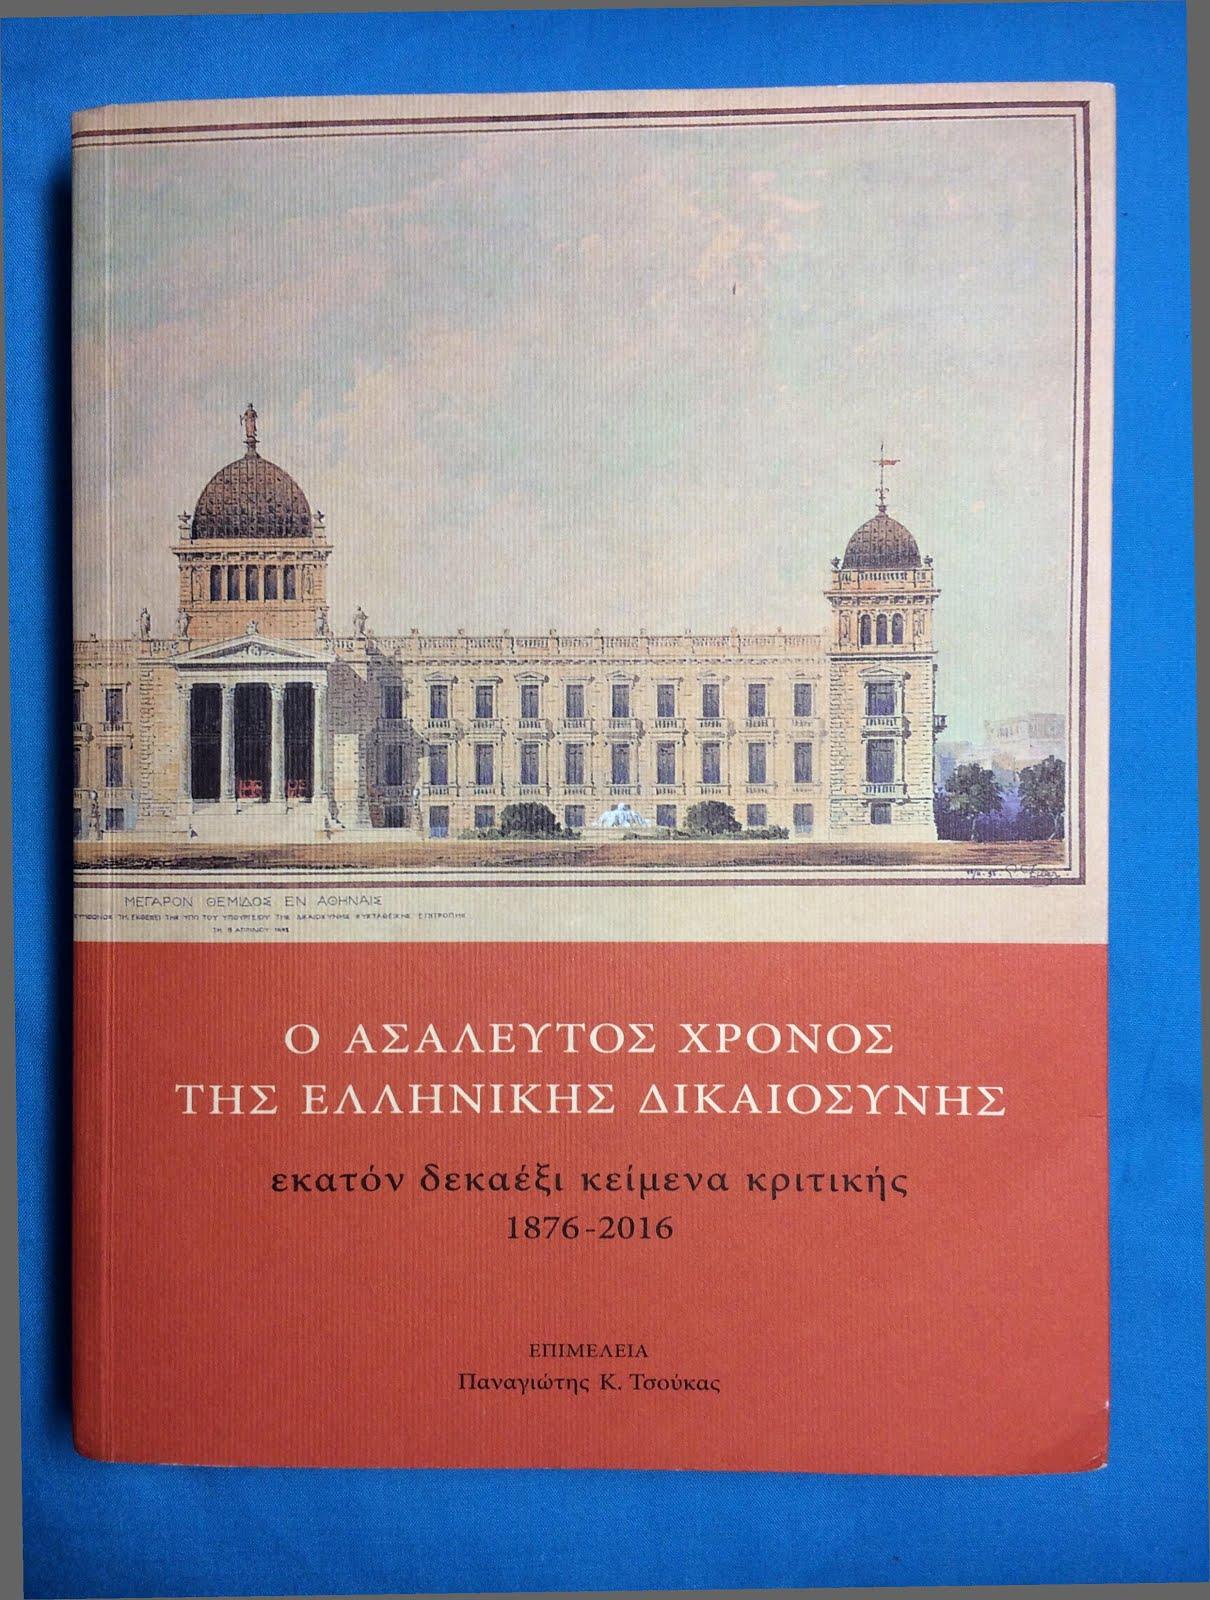 Ο ασάλευτος χρόνος της ελληνικής δικαιοσύνης (δεύτερη έκδοση)